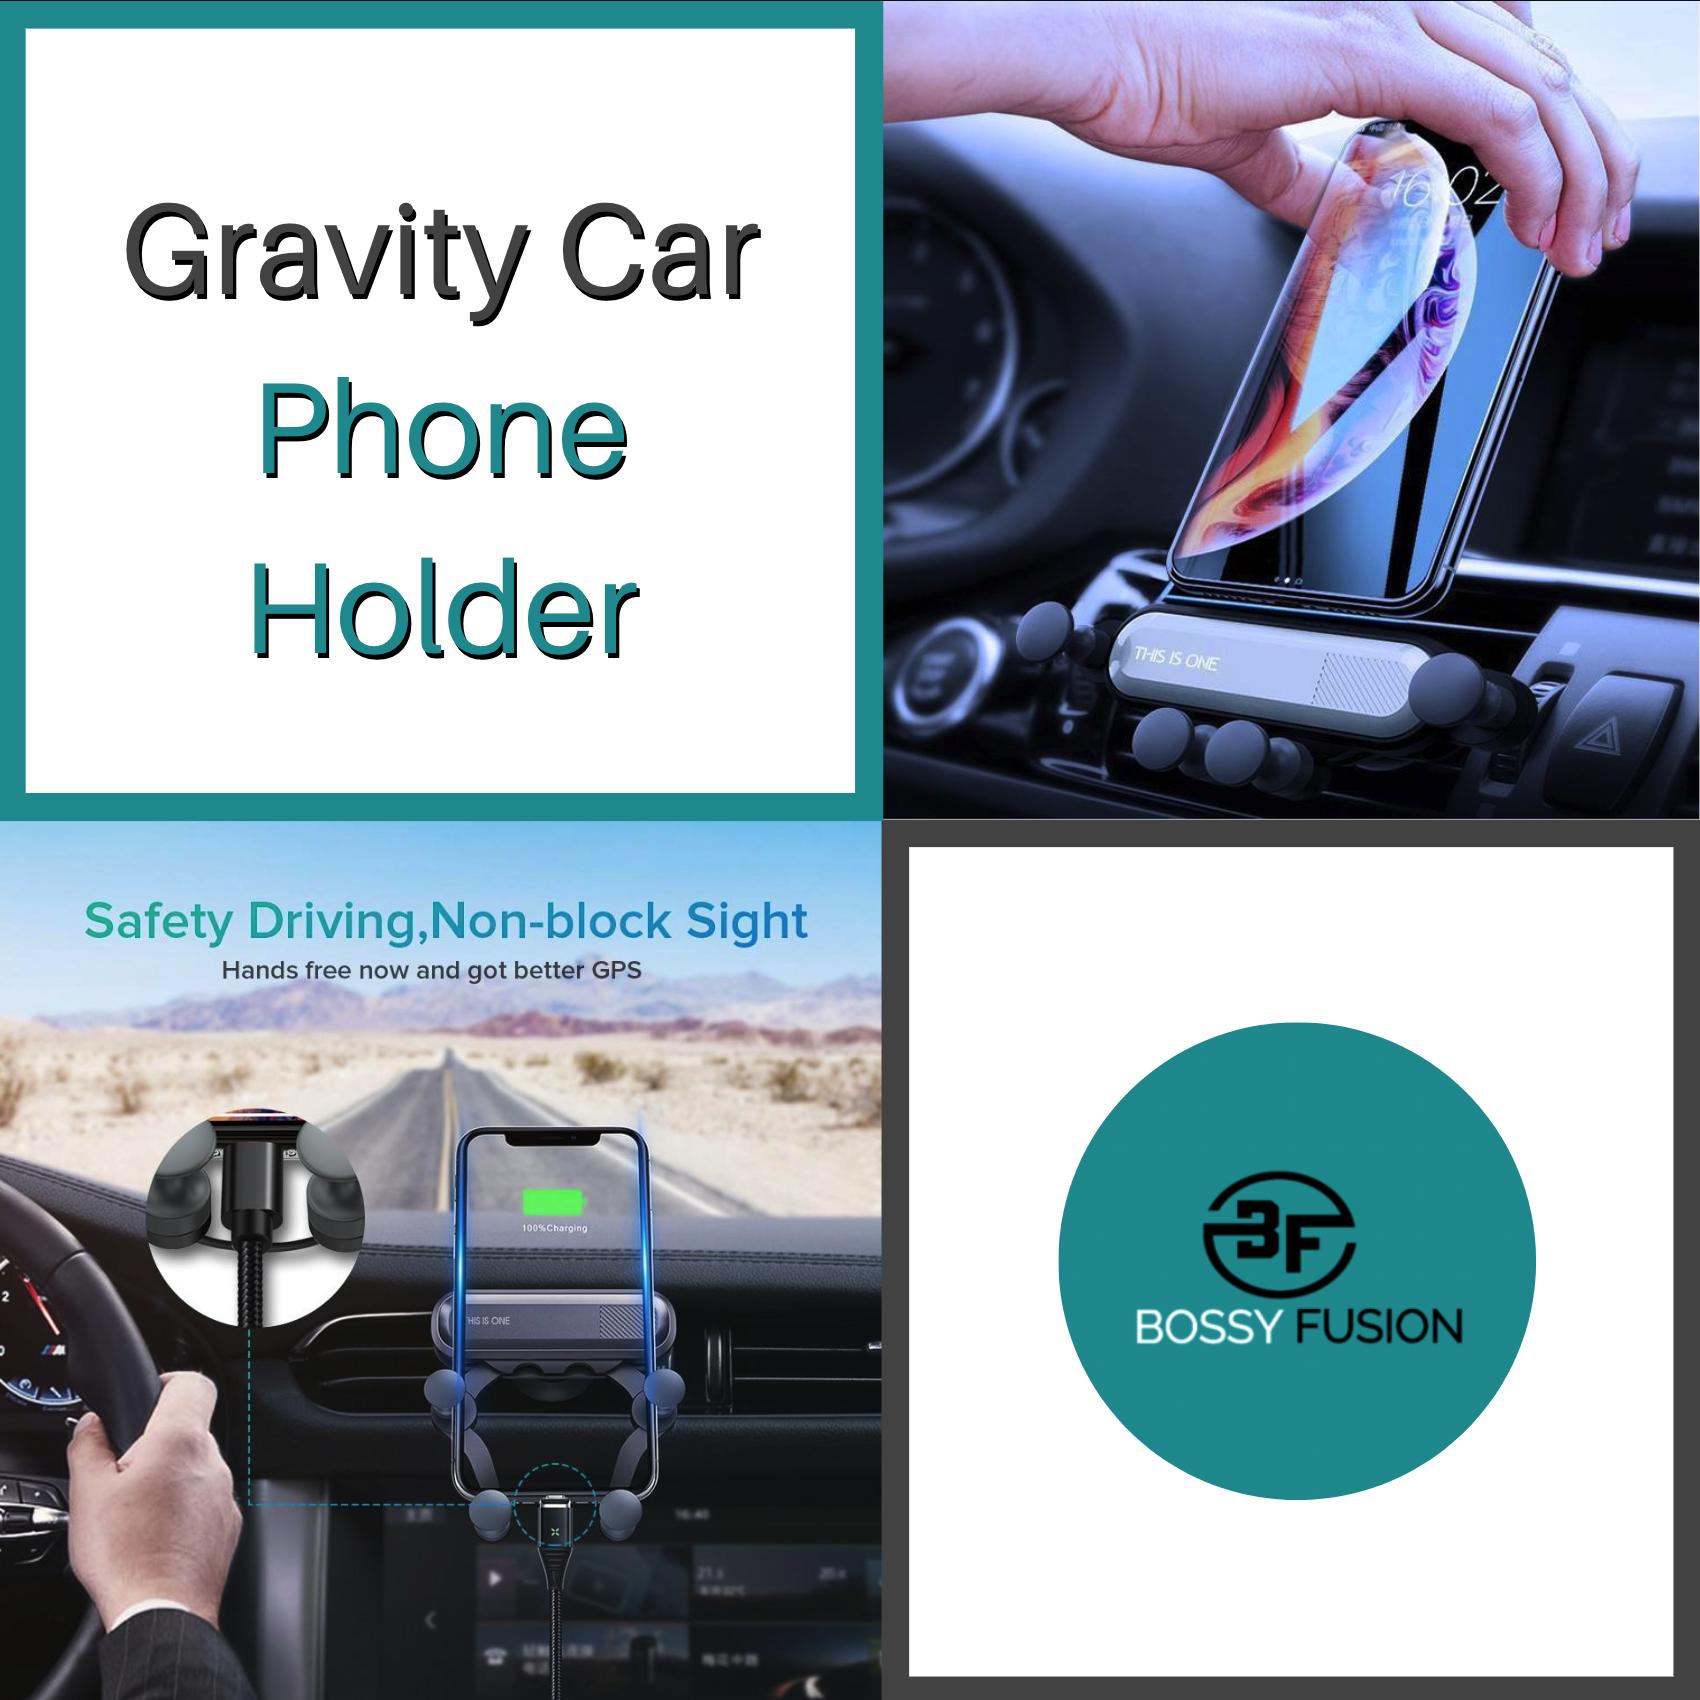 Gravity Car Phone Holder in 2020 Car phone holder, Phone